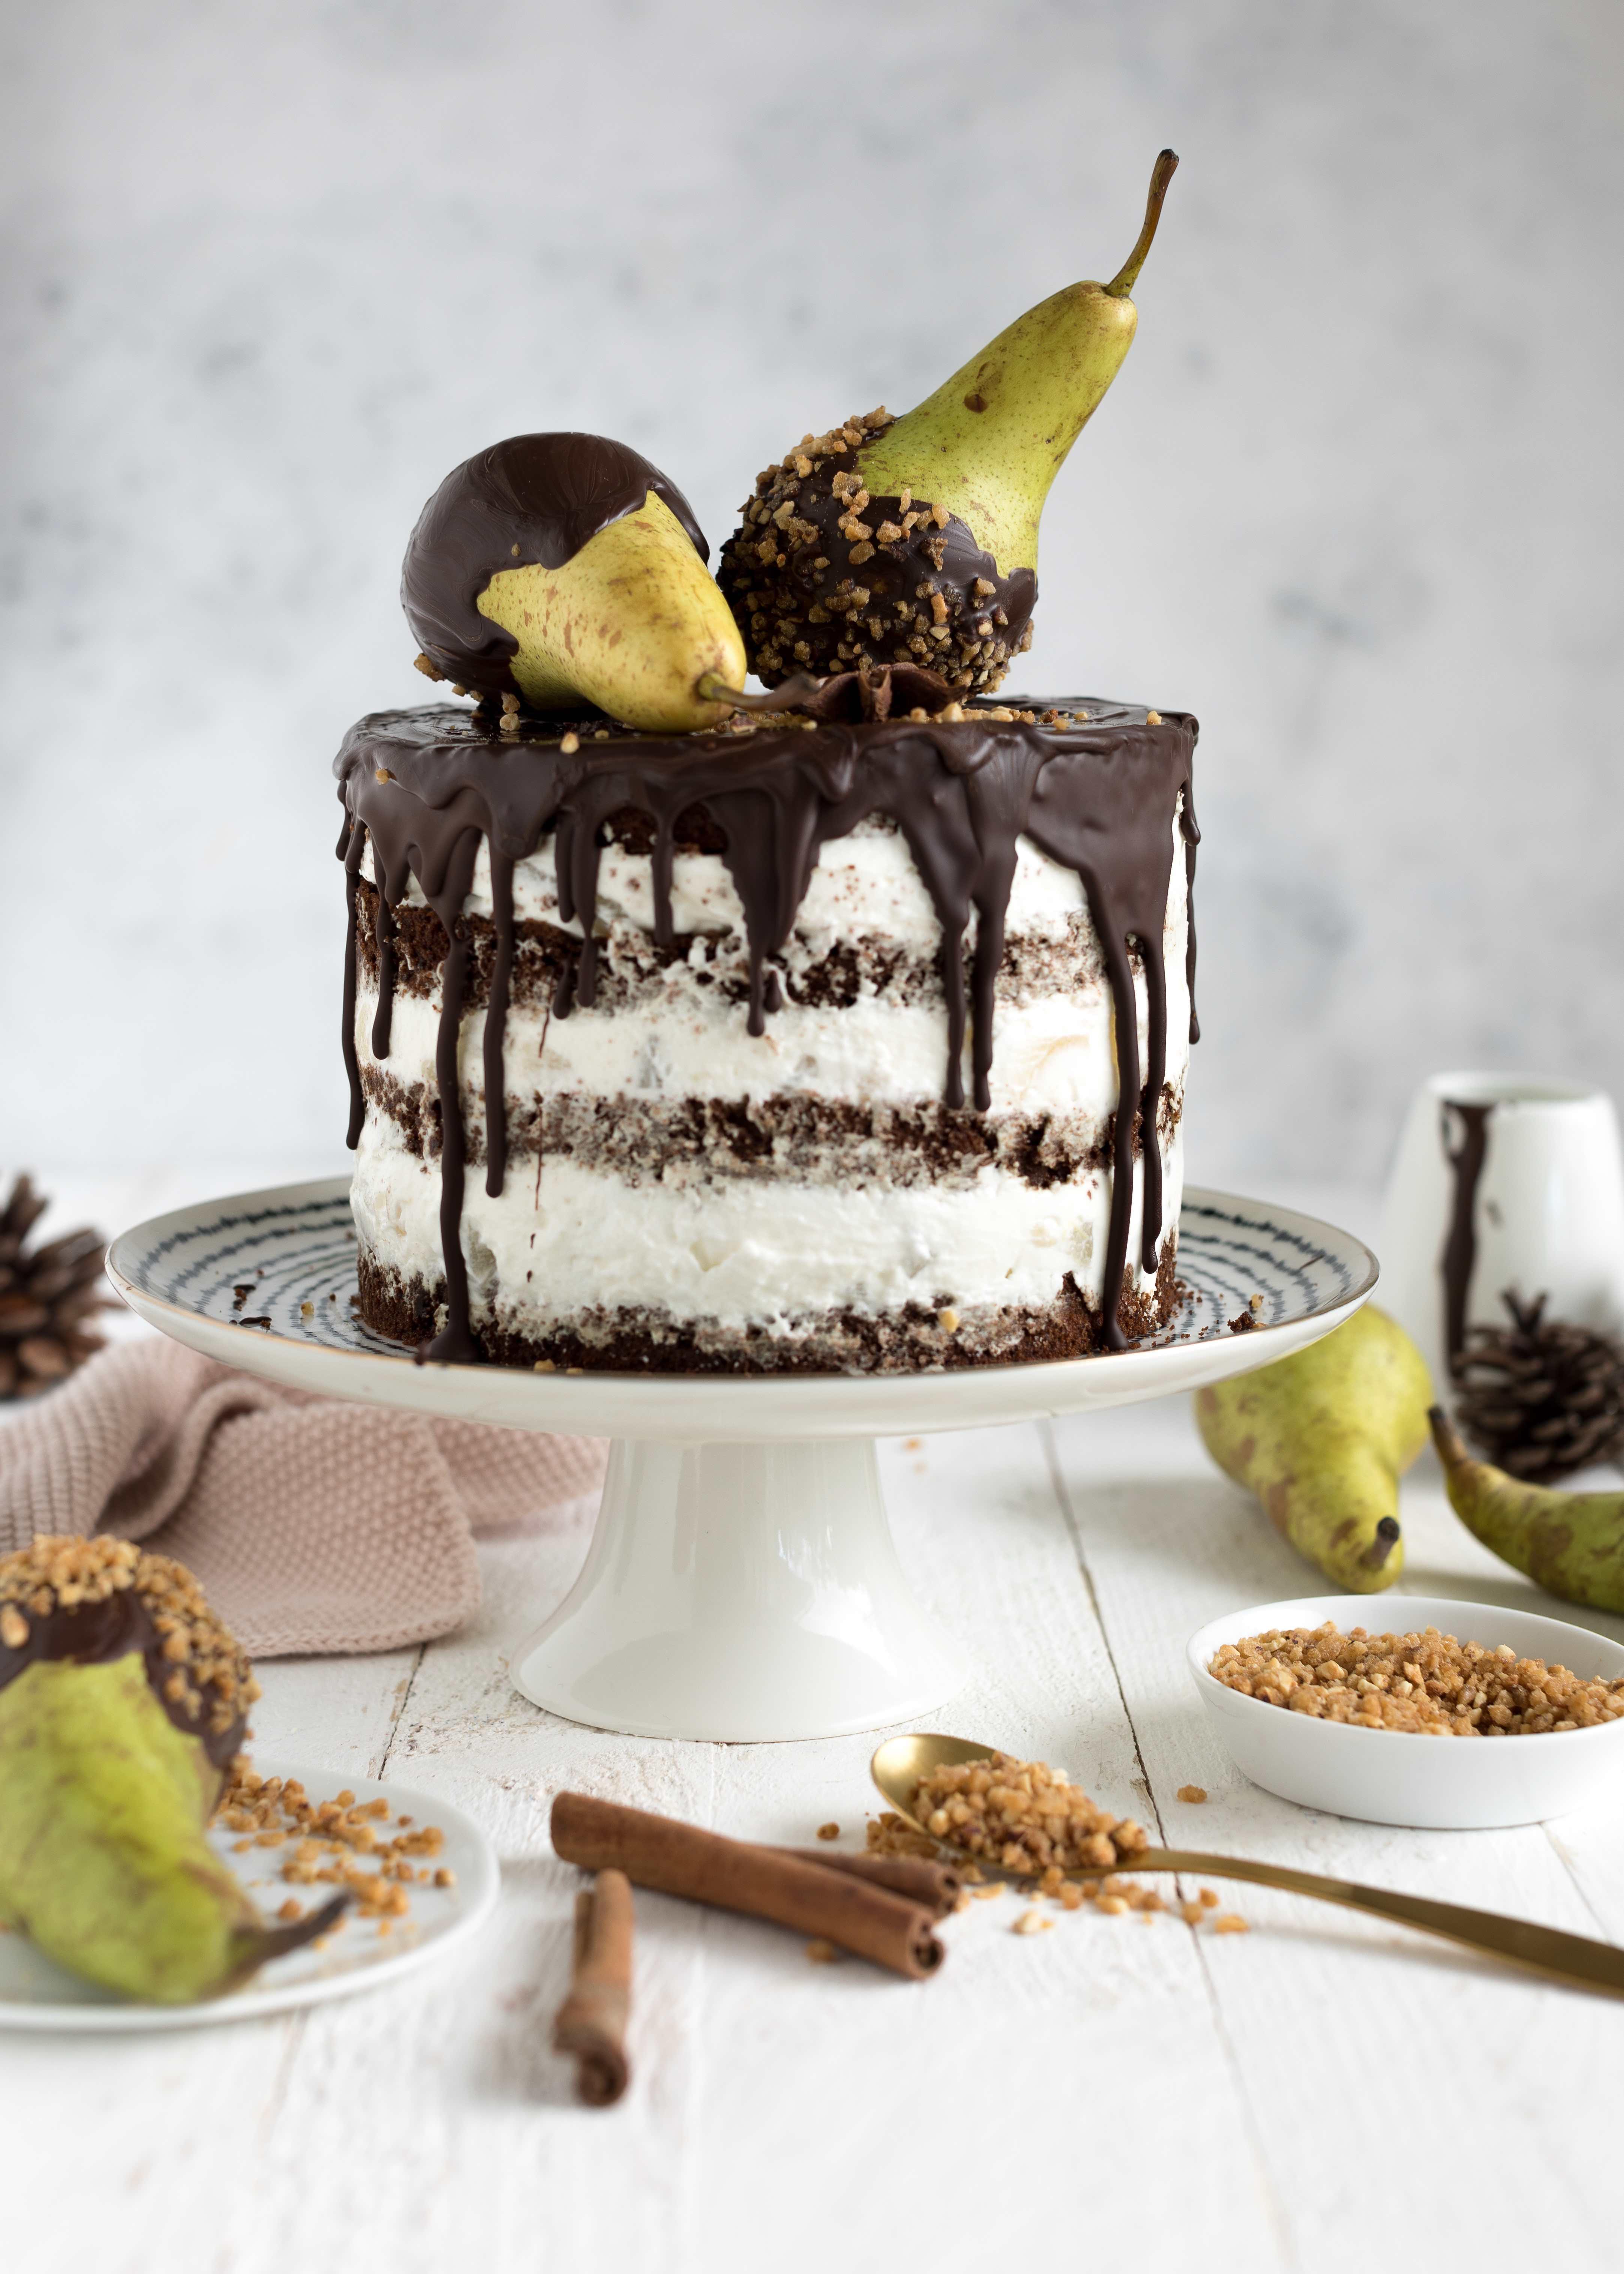 Birnen Schokoladen Torte Herbst Advent backen Rezept